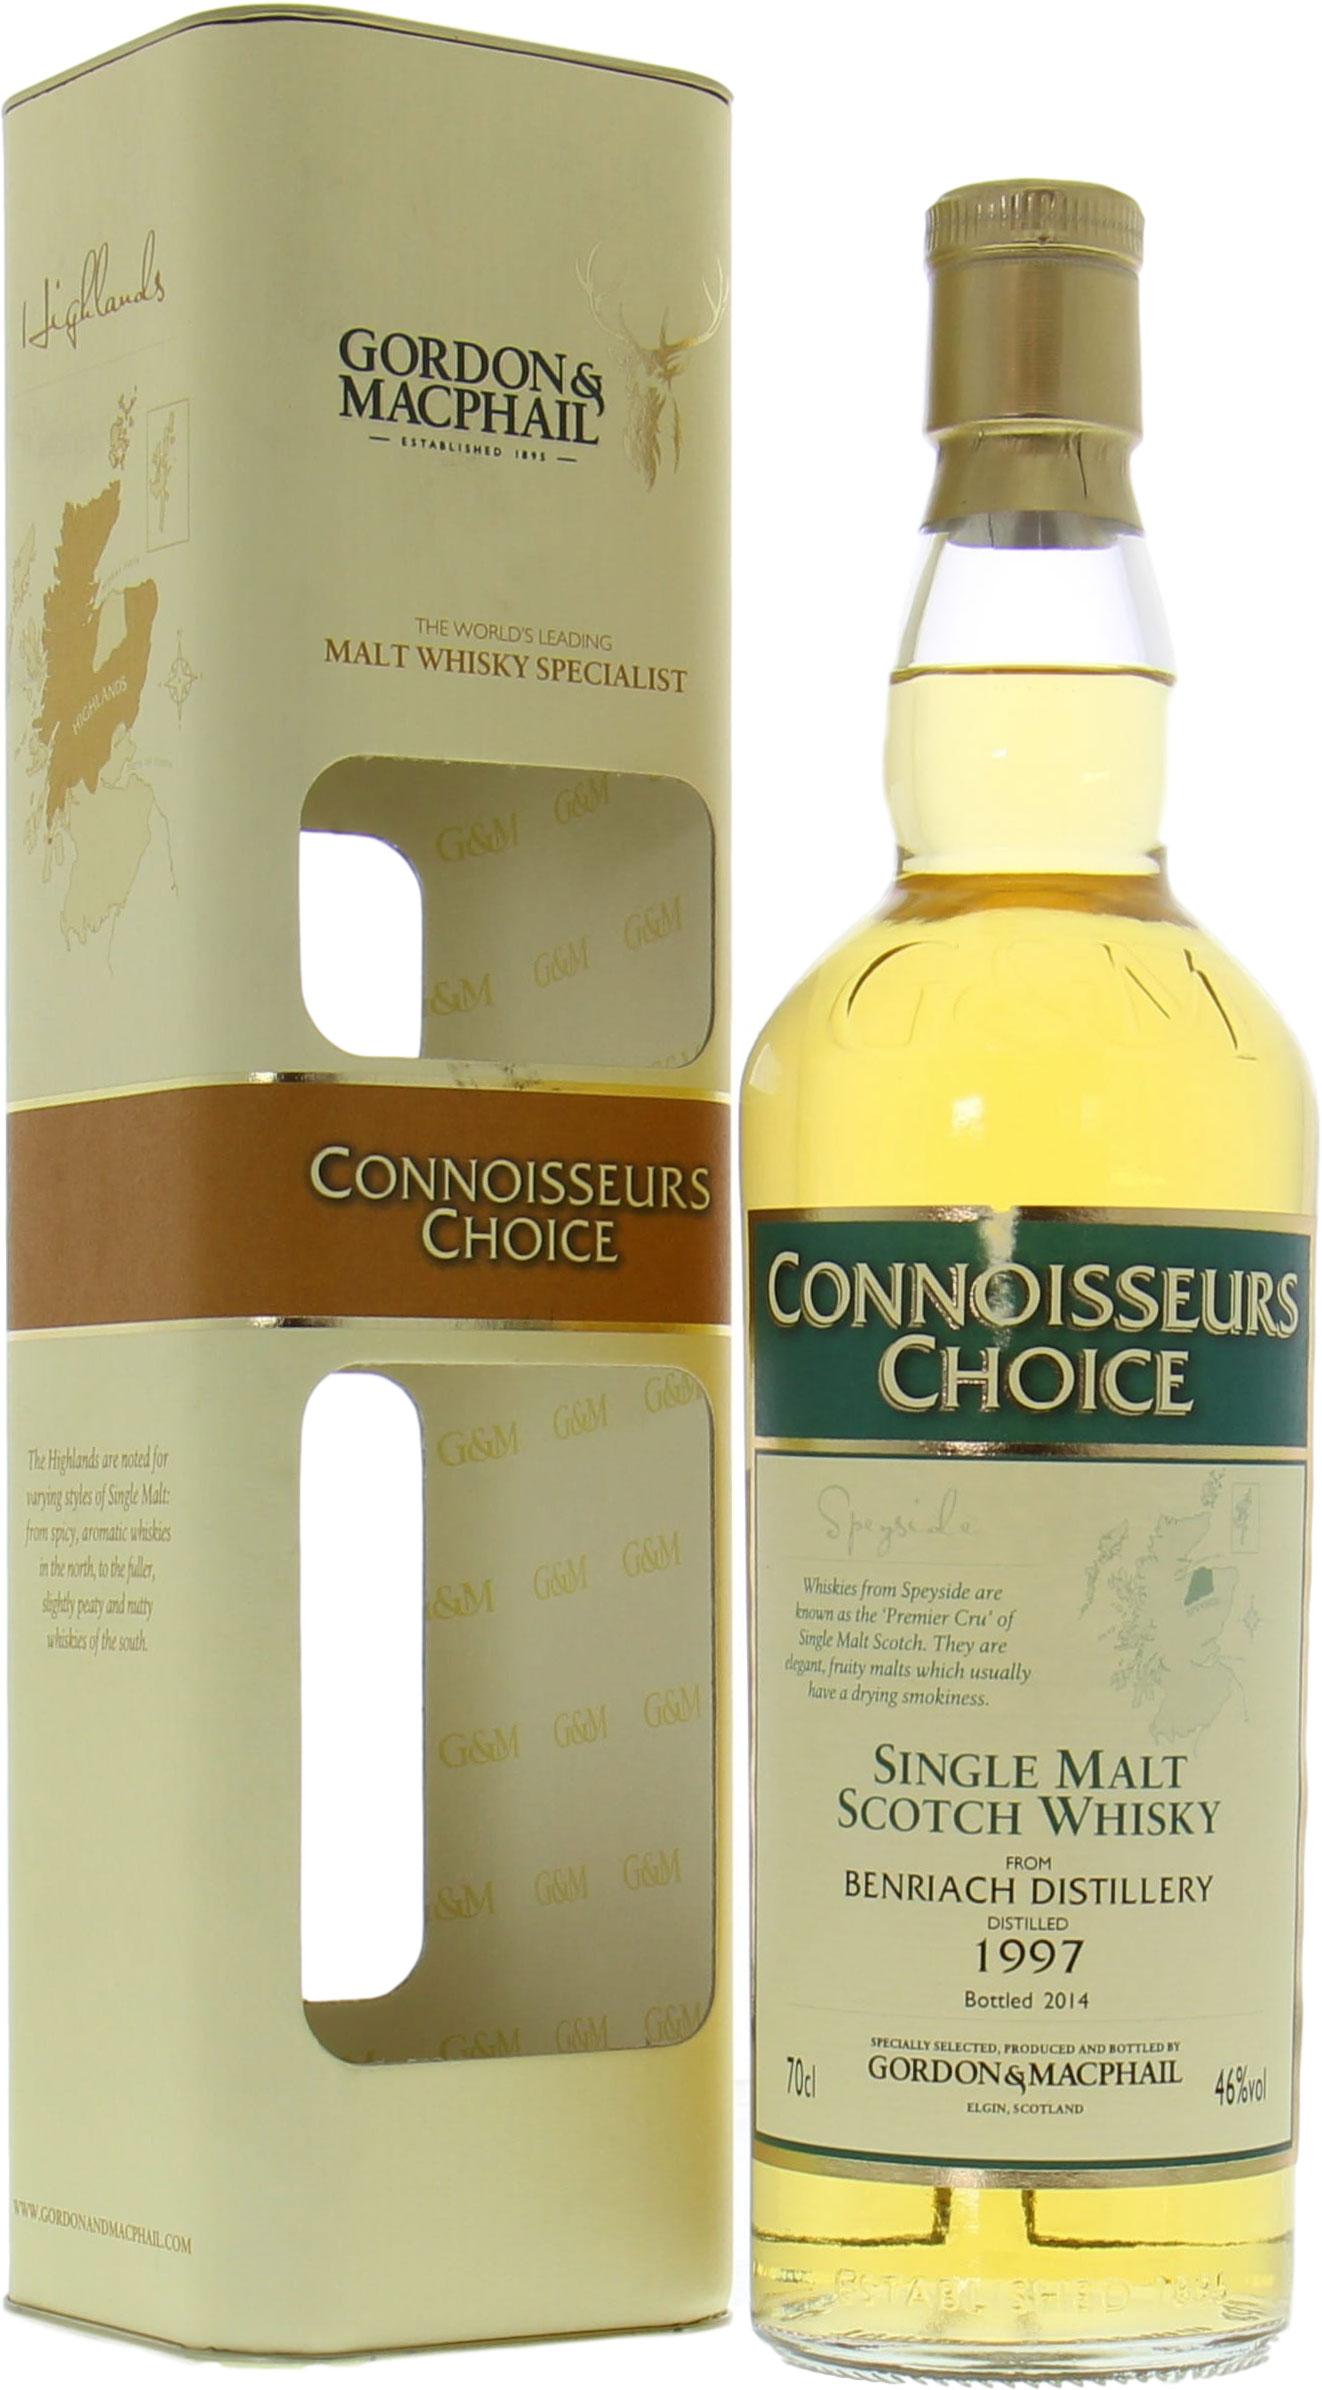 BenRiach Gordon & MacPhail Connoisseurs Choice 46% 1997